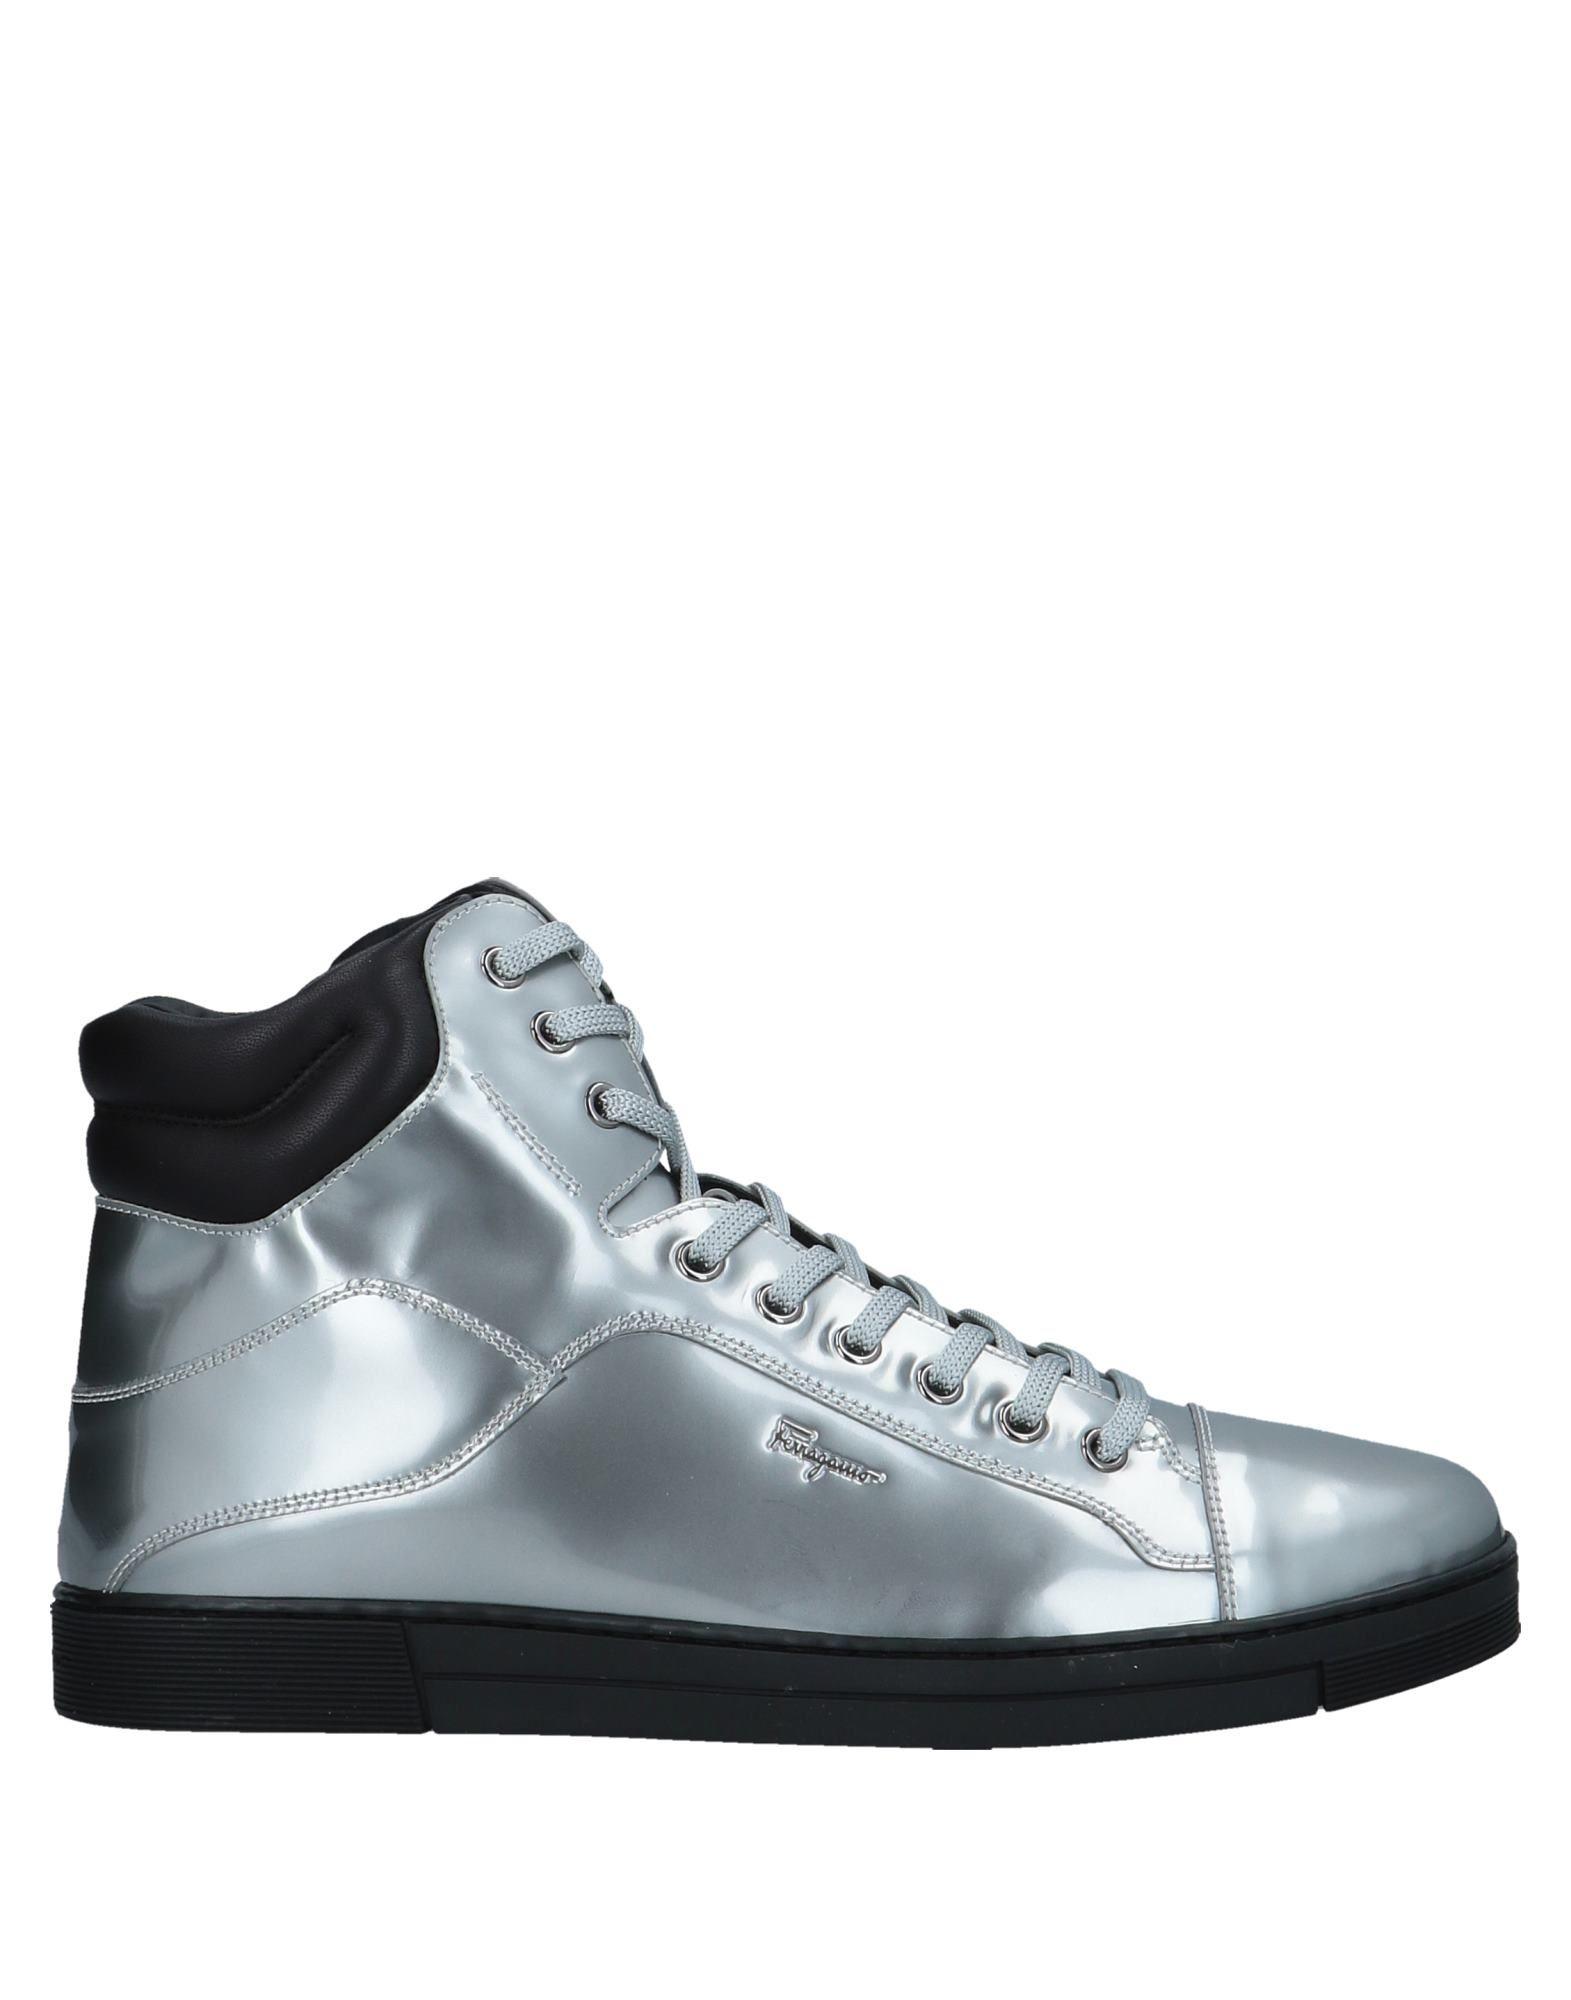 Salvatore Ferragamo Sneakers Herren  11544095LL Gute Qualität Qualität Gute beliebte Schuhe c493a1